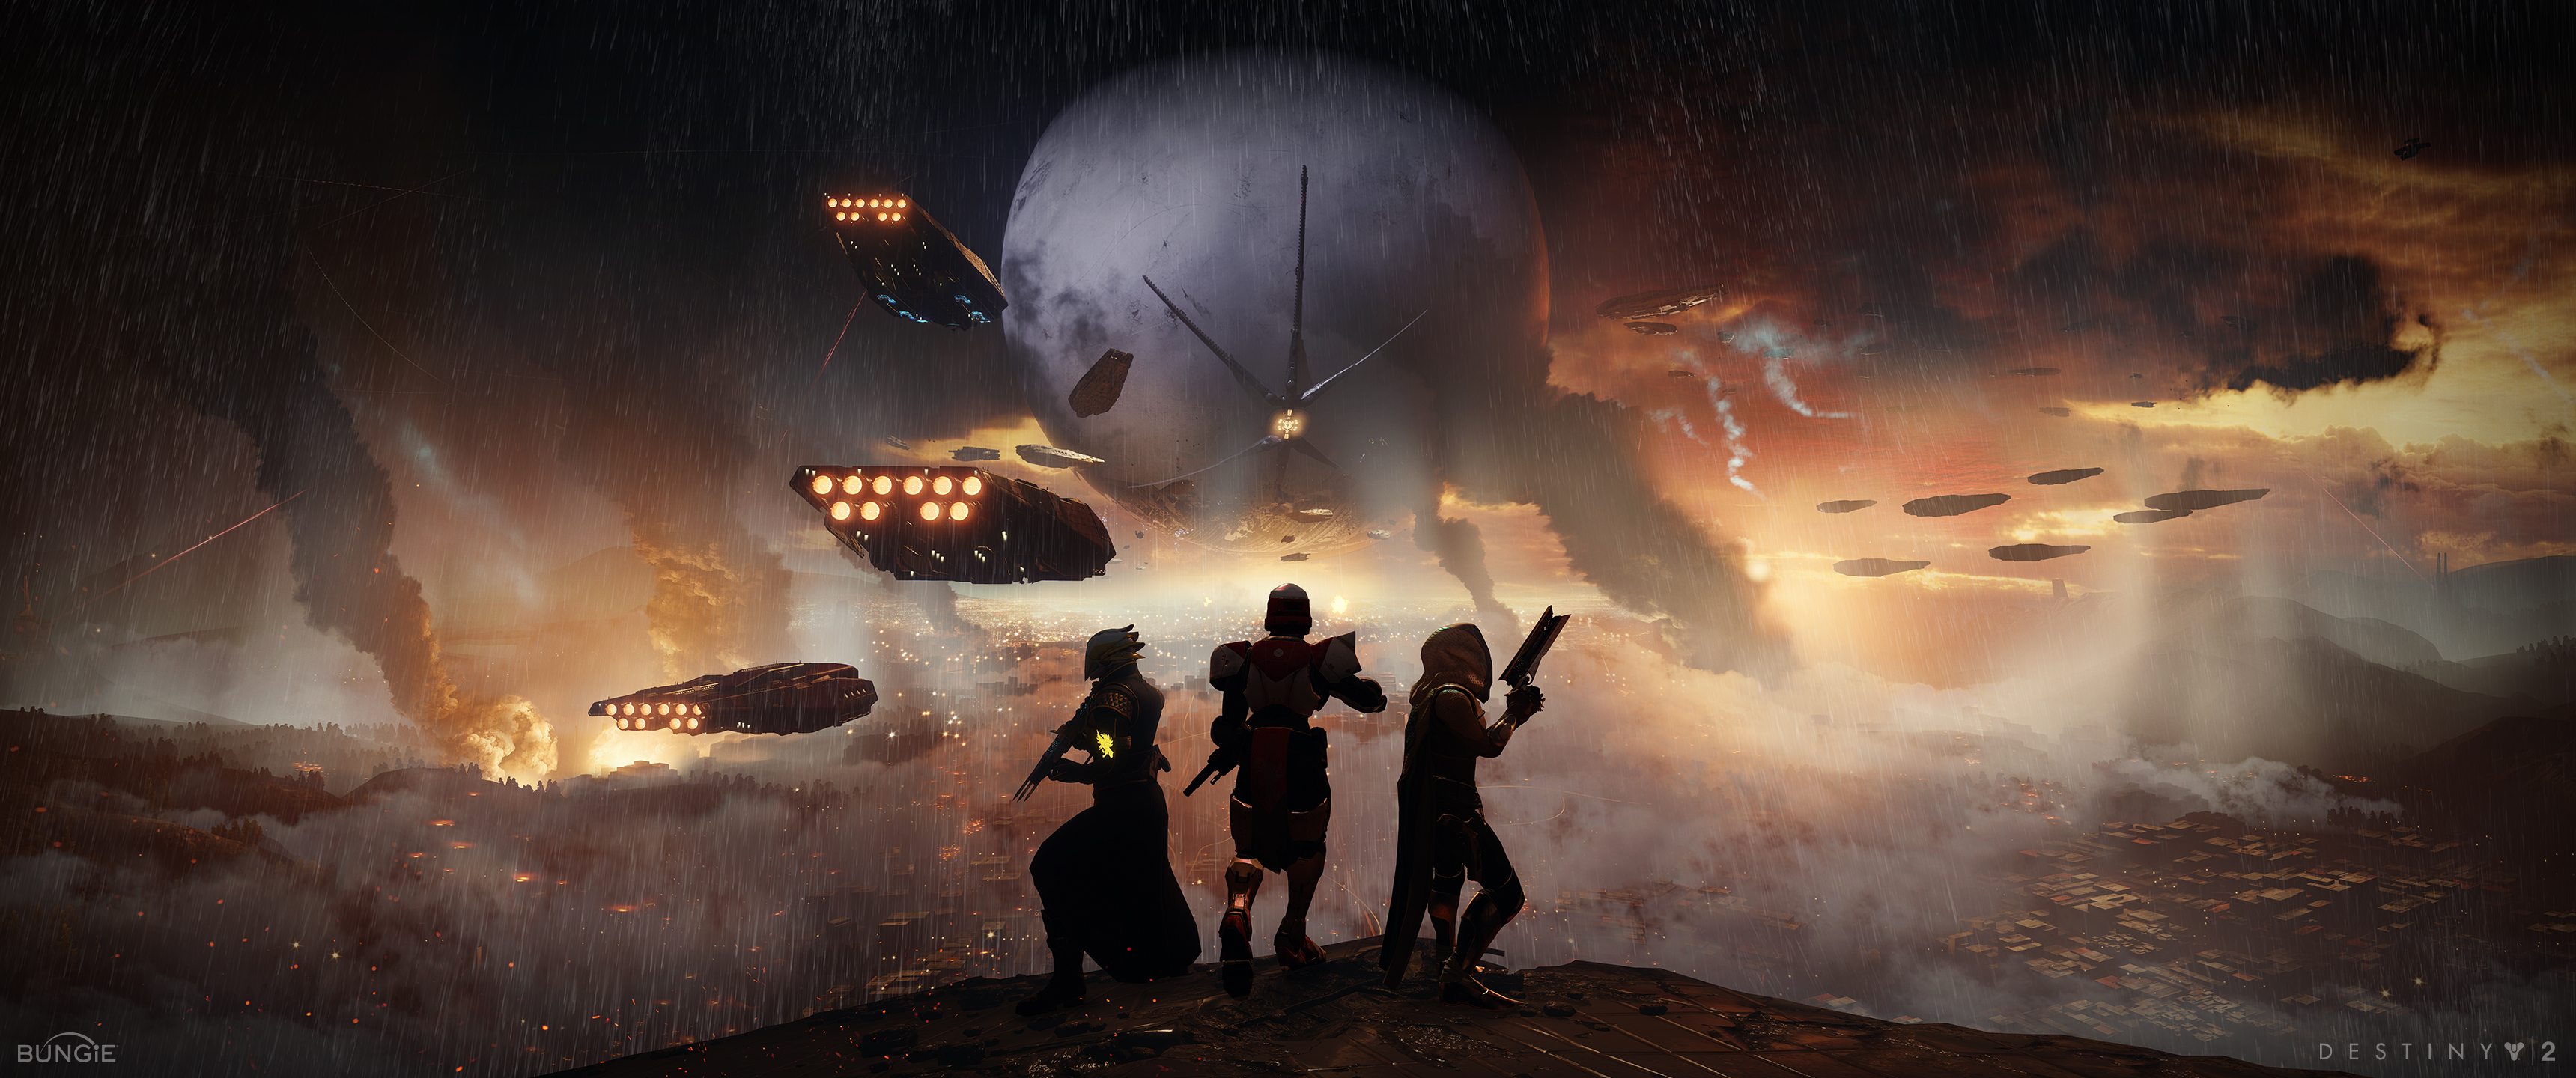 Destiny 2 4k 2017 hd games 4k wallpapers images - 4k destiny 2 wallpaper ...